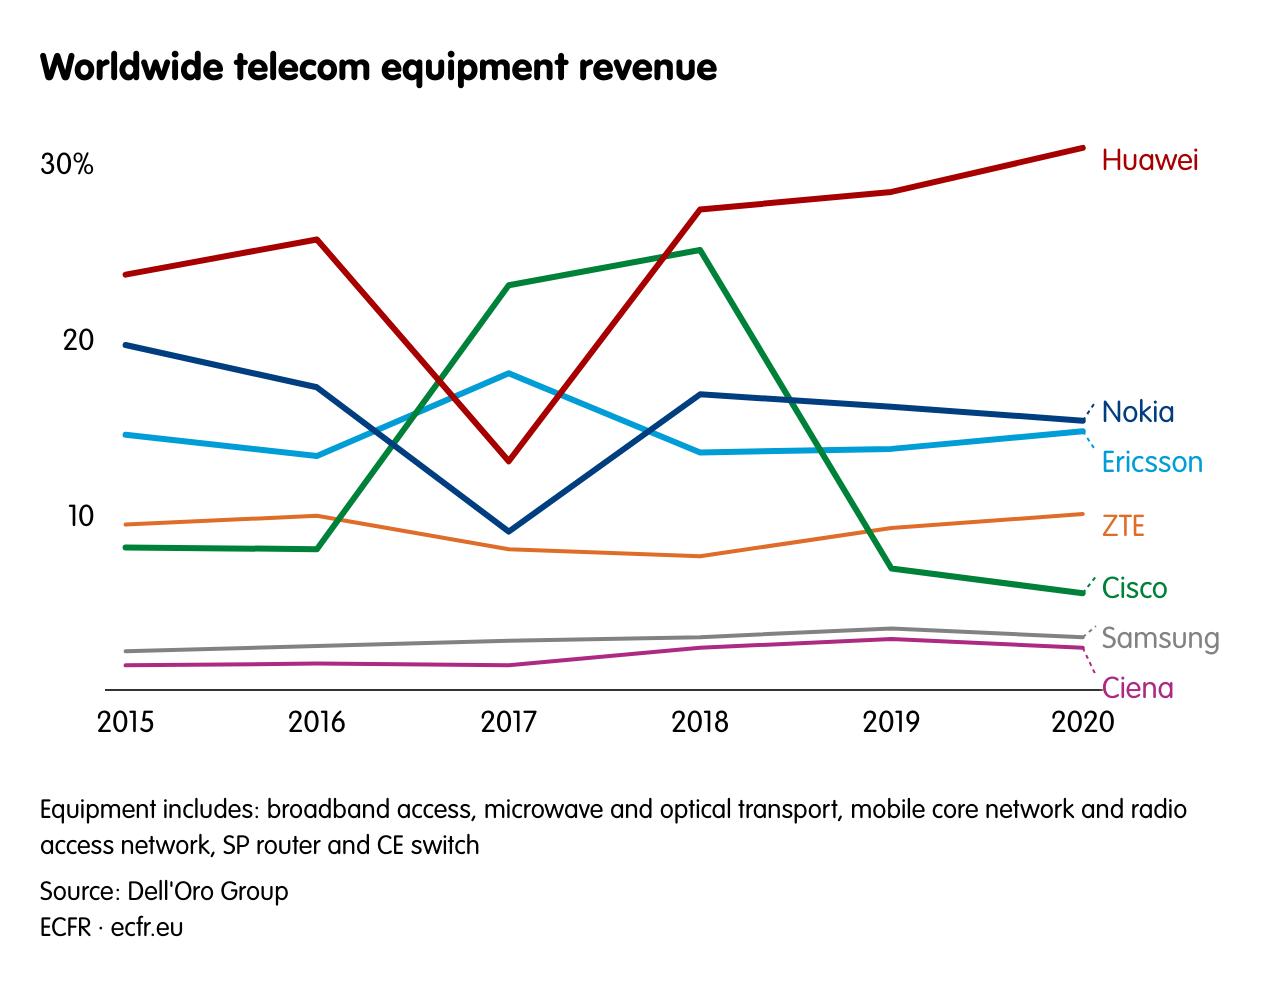 Worldwide telecom equipment revenue